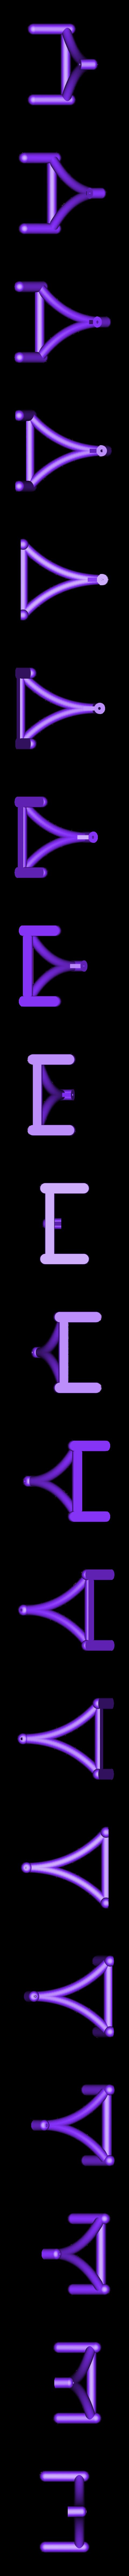 Perpetual_stand.STL Télécharger fichier STL gratuit Le mouvement perpétuel, Léonard de Vinci • Plan pour impression 3D, Jeypera3D